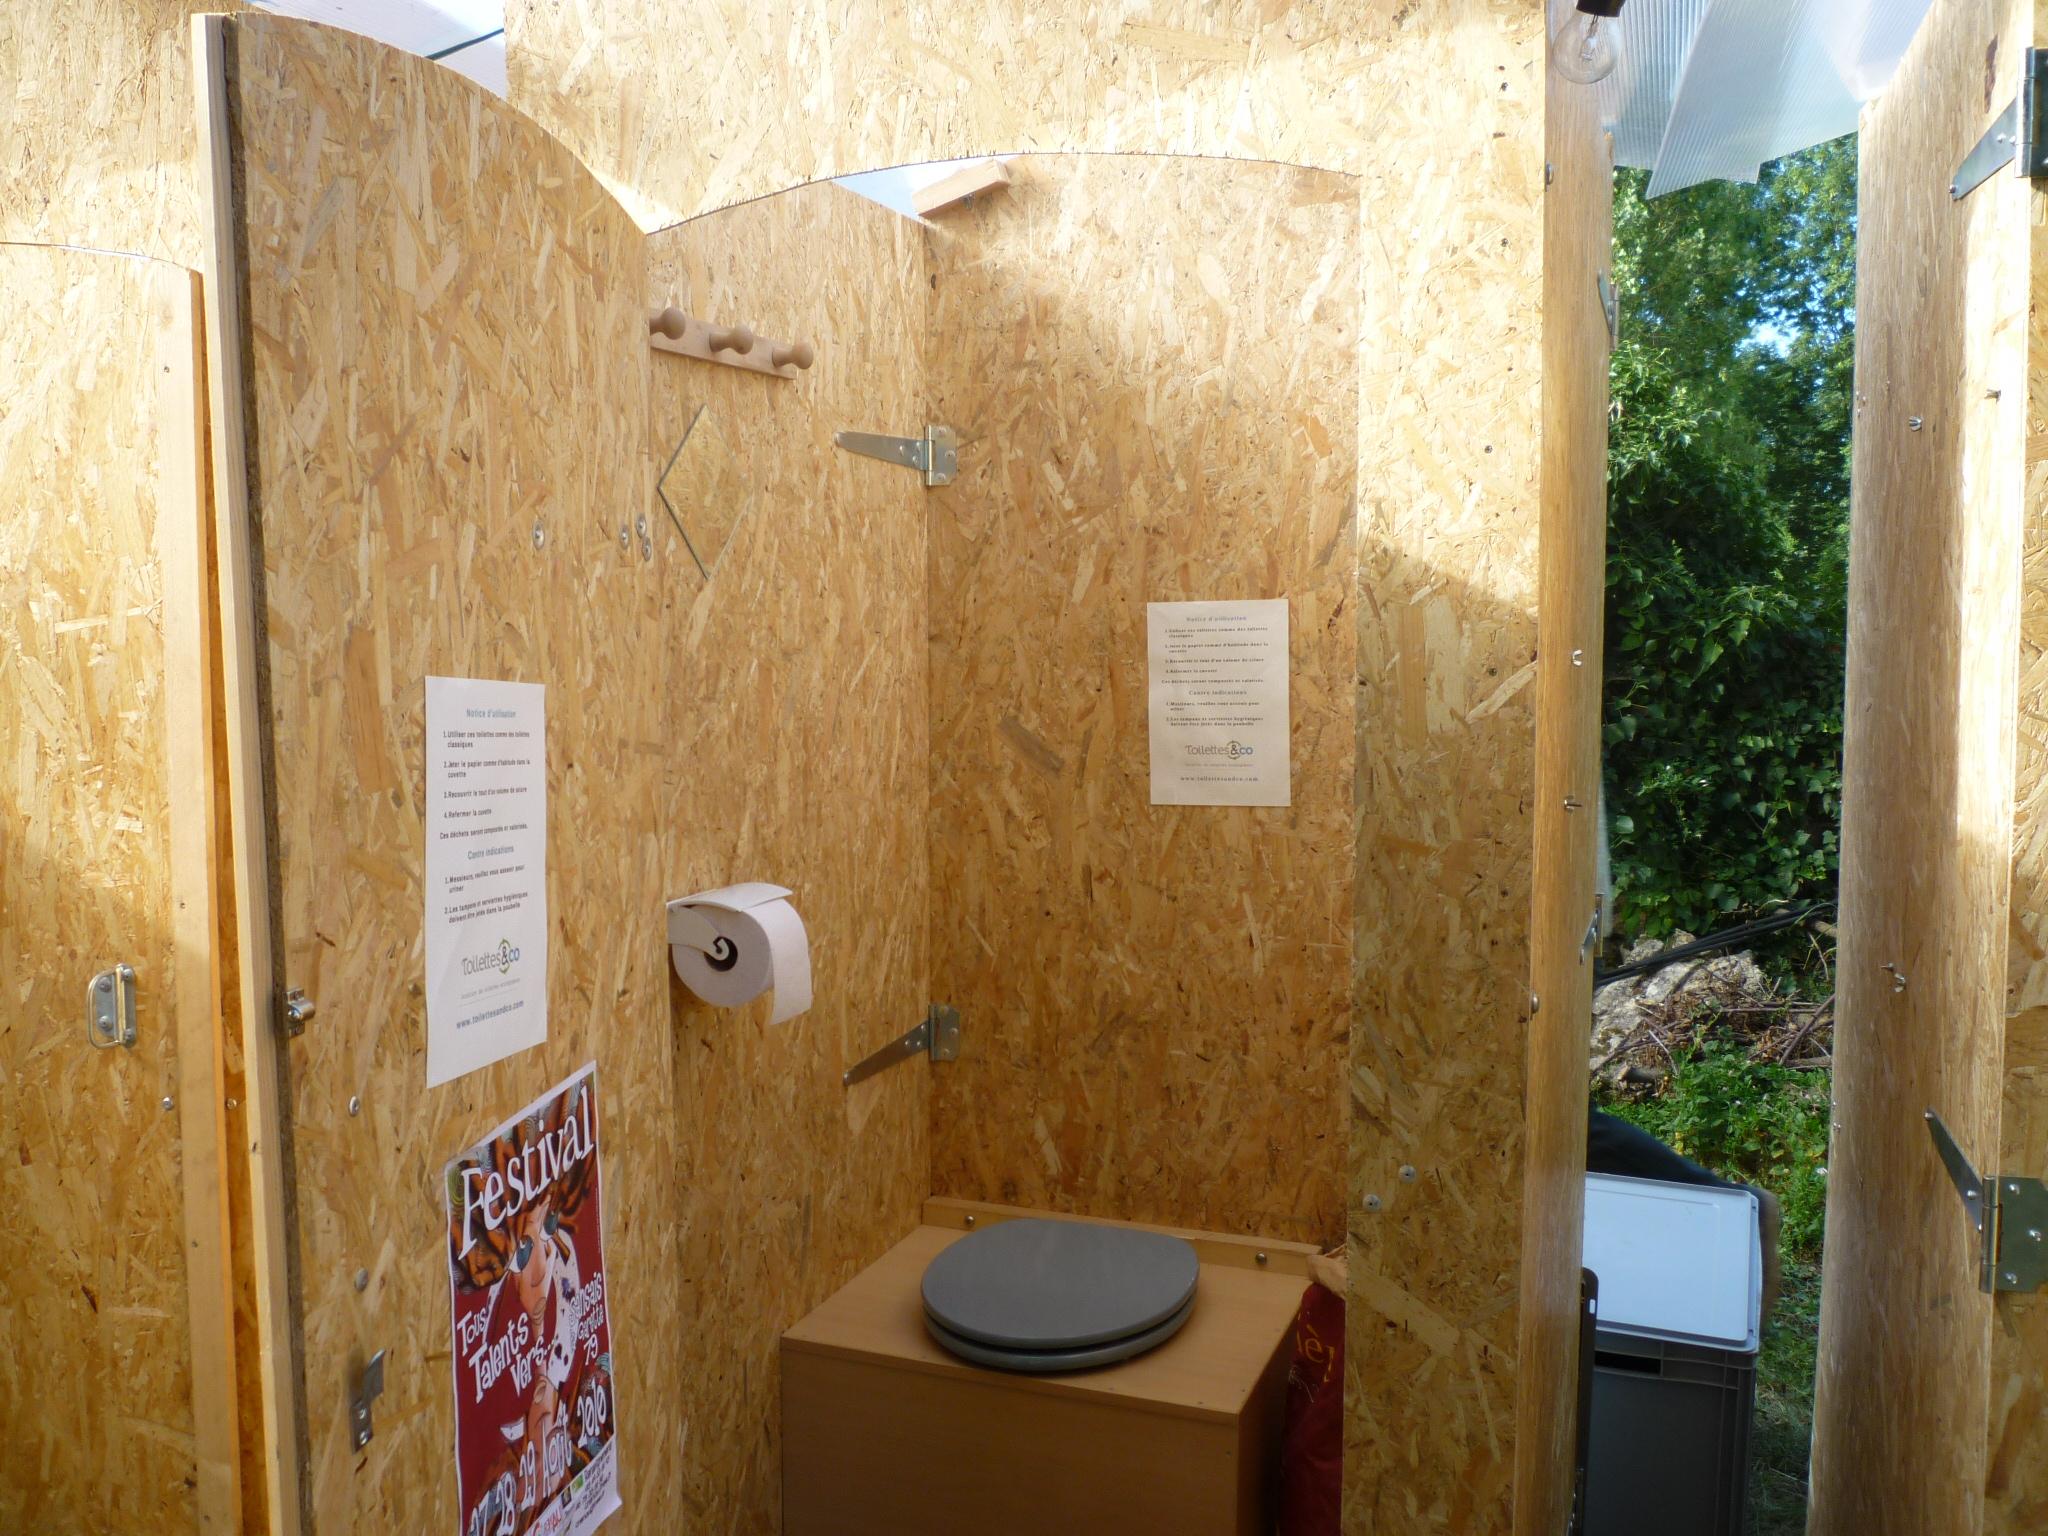 Location/Événements - Location Et Vente De Toilettes dedans Toilette Seche Interieur